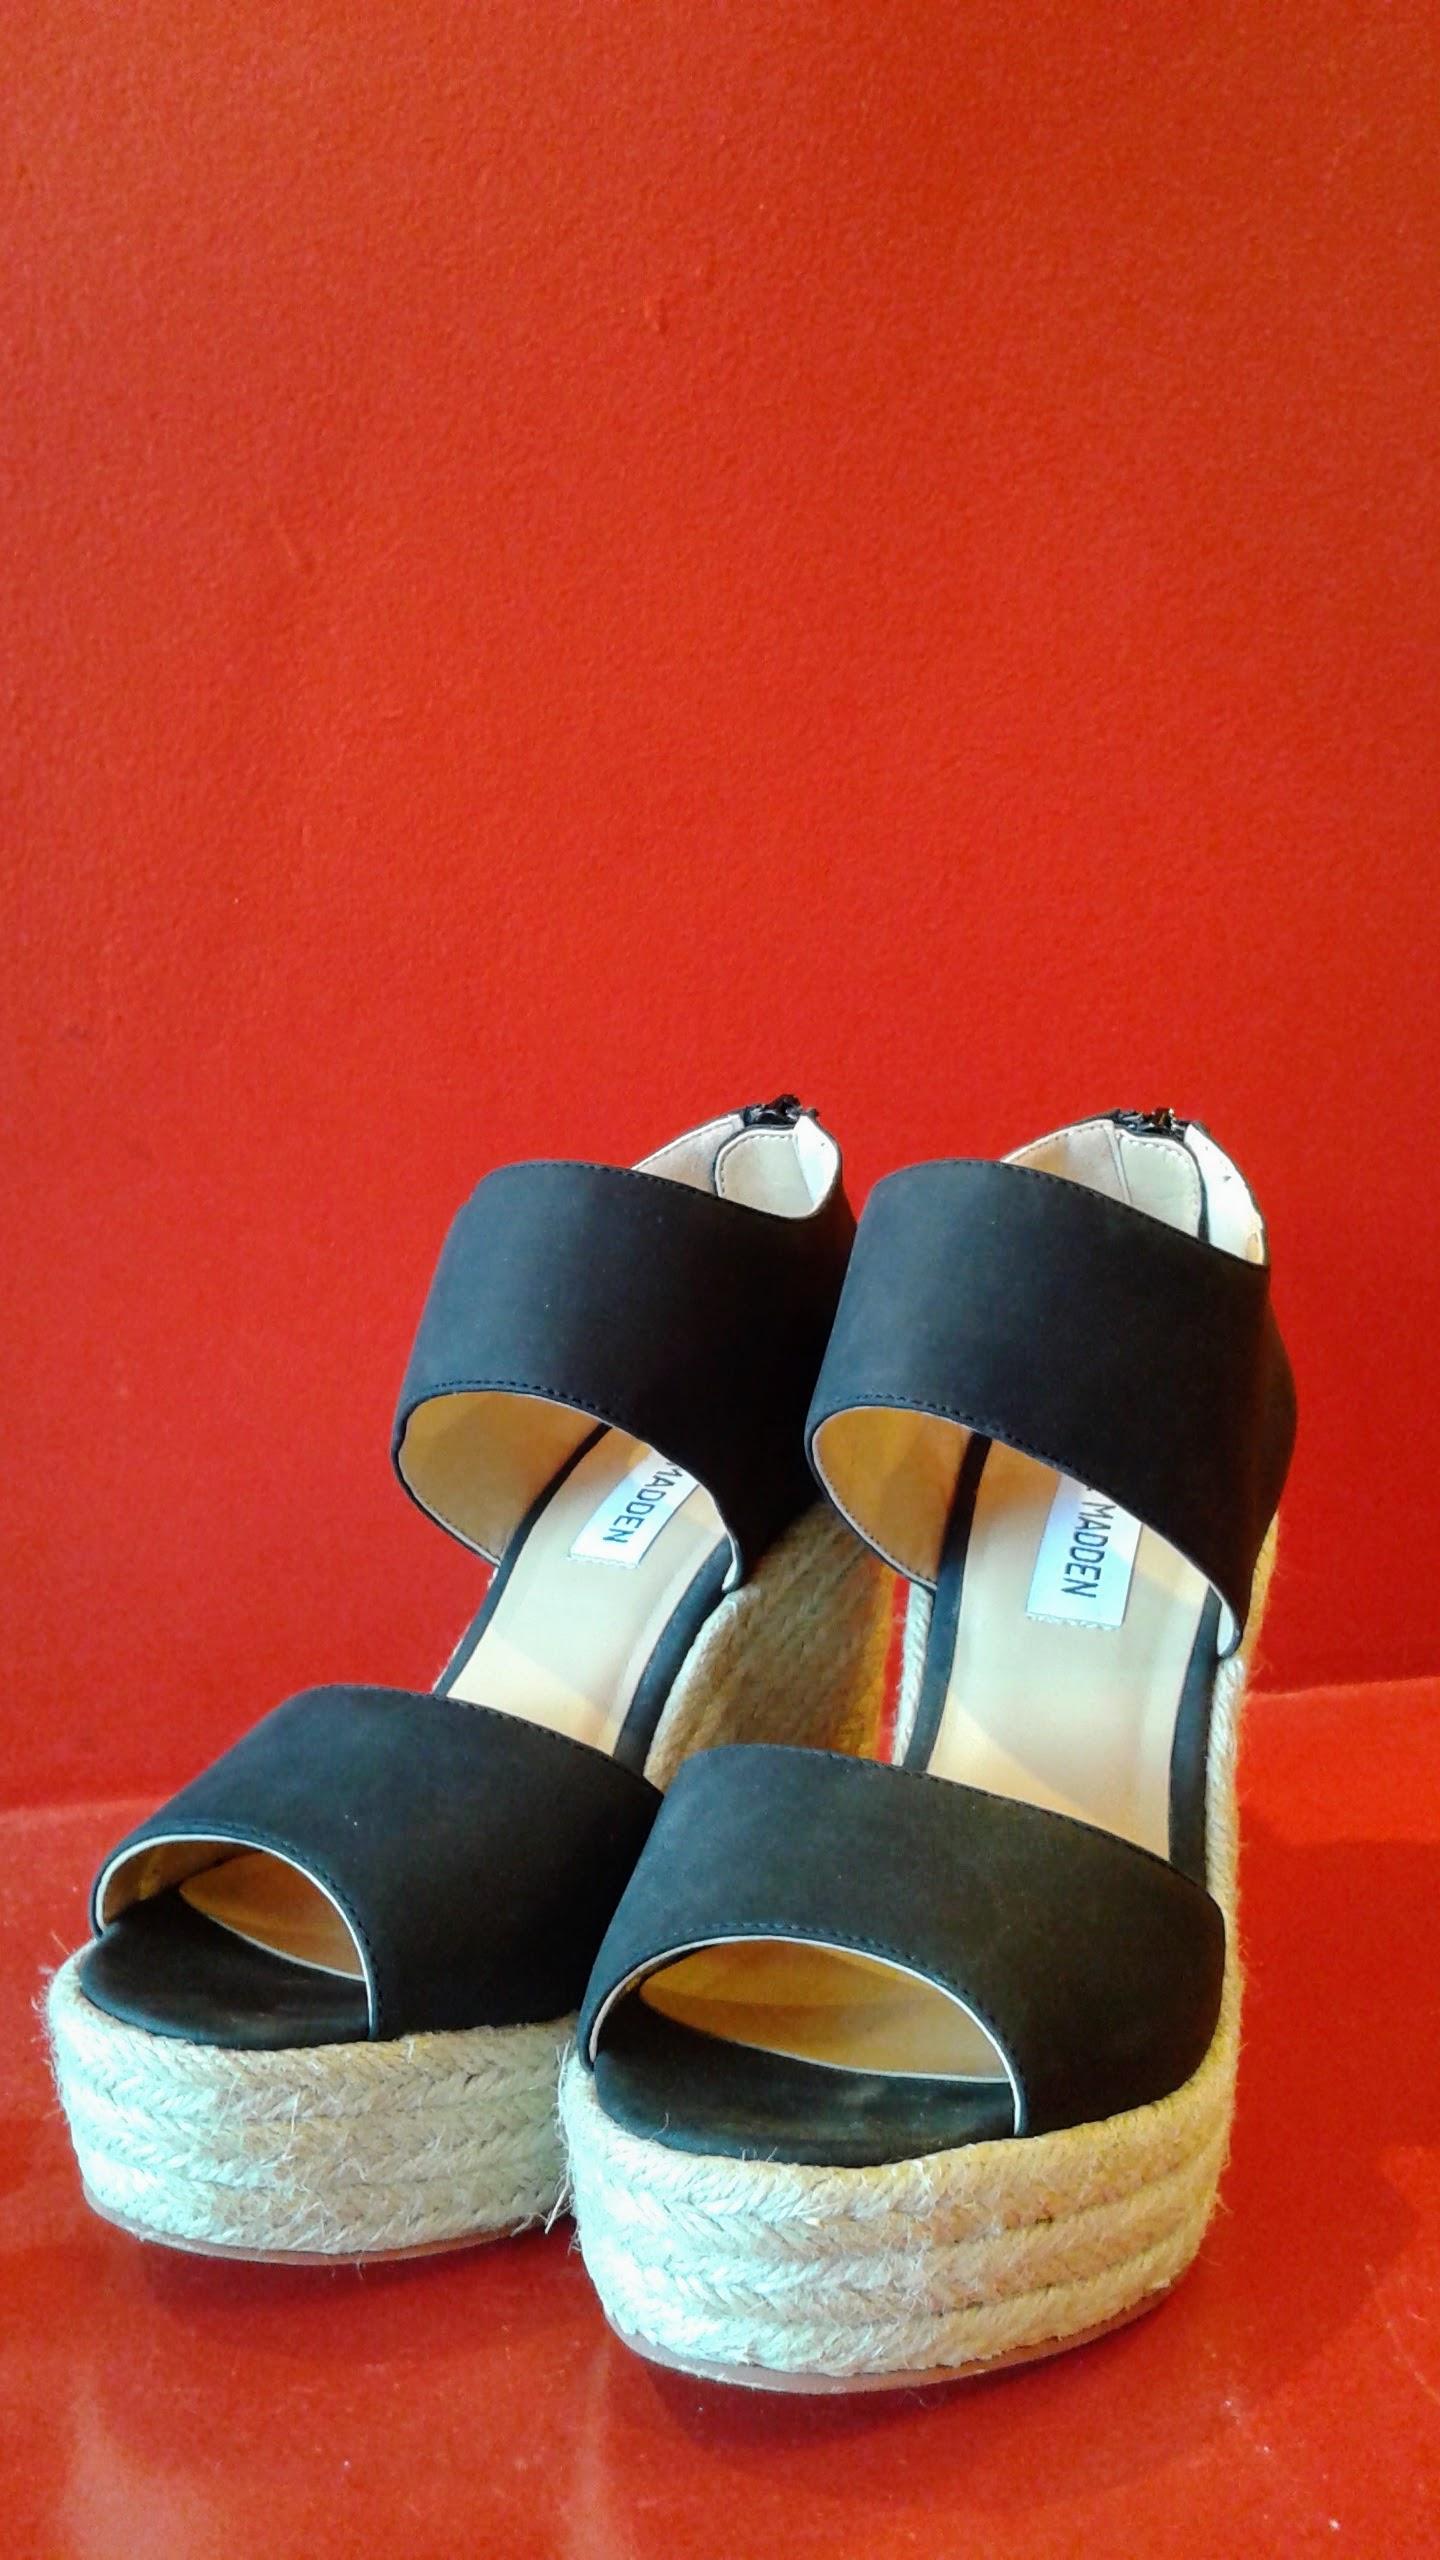 Steve Madden shoes; S6, $40